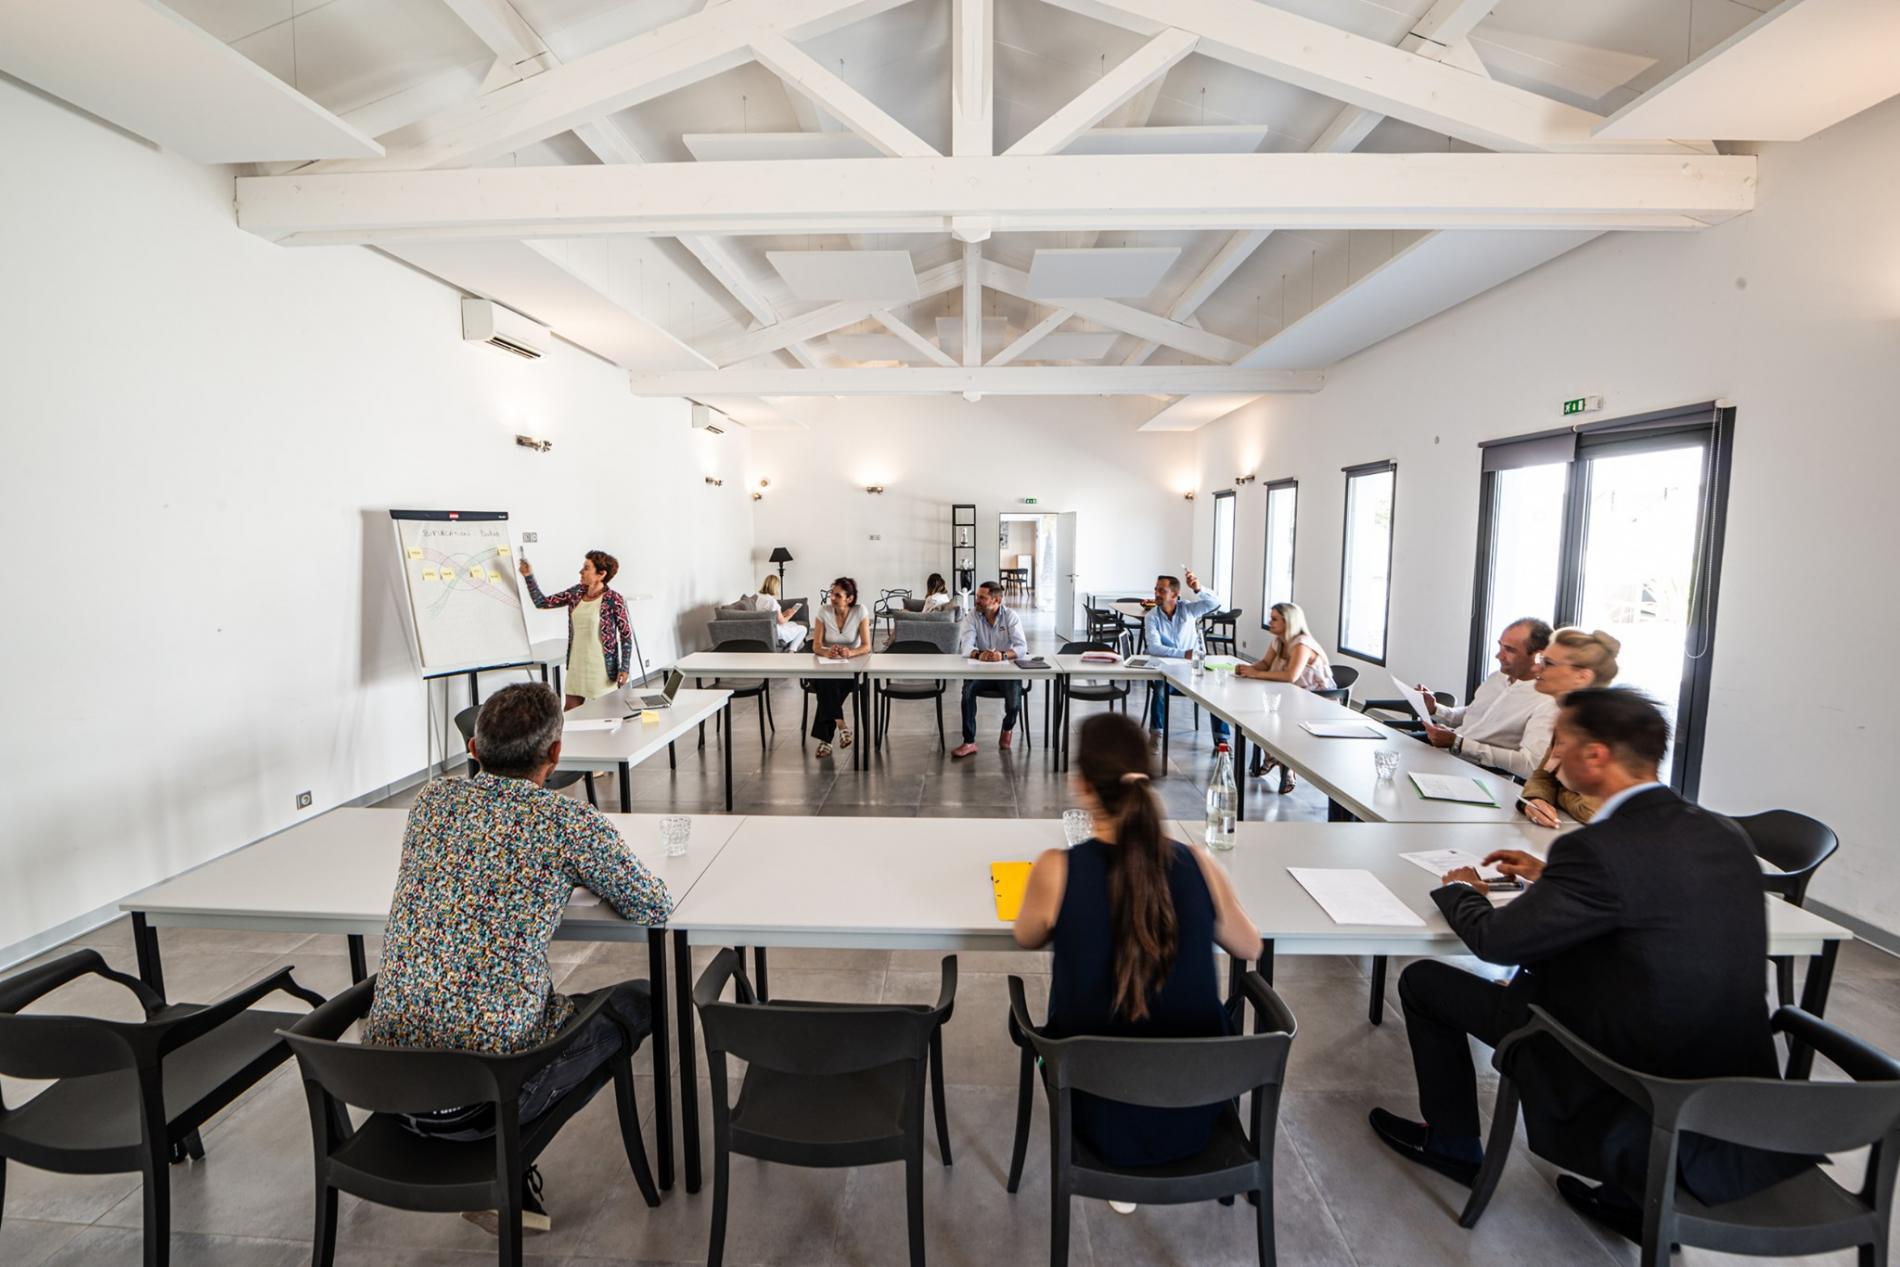 Séminaires & Réunions à Barjac - Gard